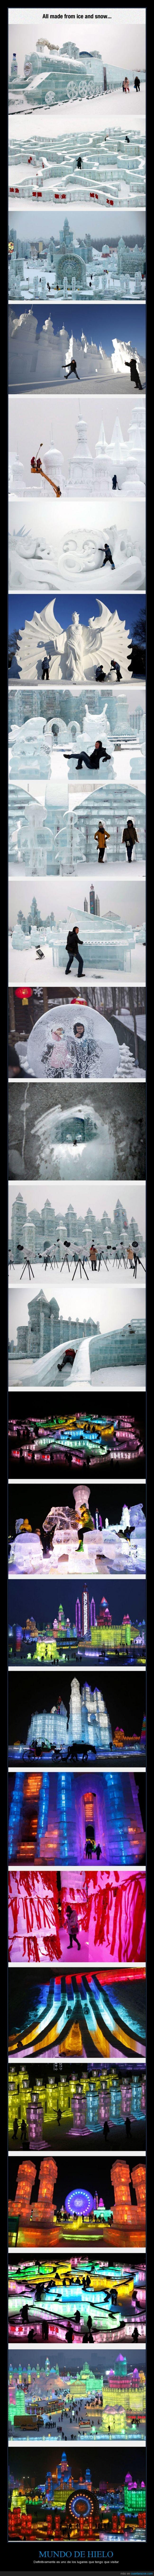 China,festival,Harbin,hielo,me robare un jet para visitar ese lugar,money,nieve,viajar,voy ahorrar